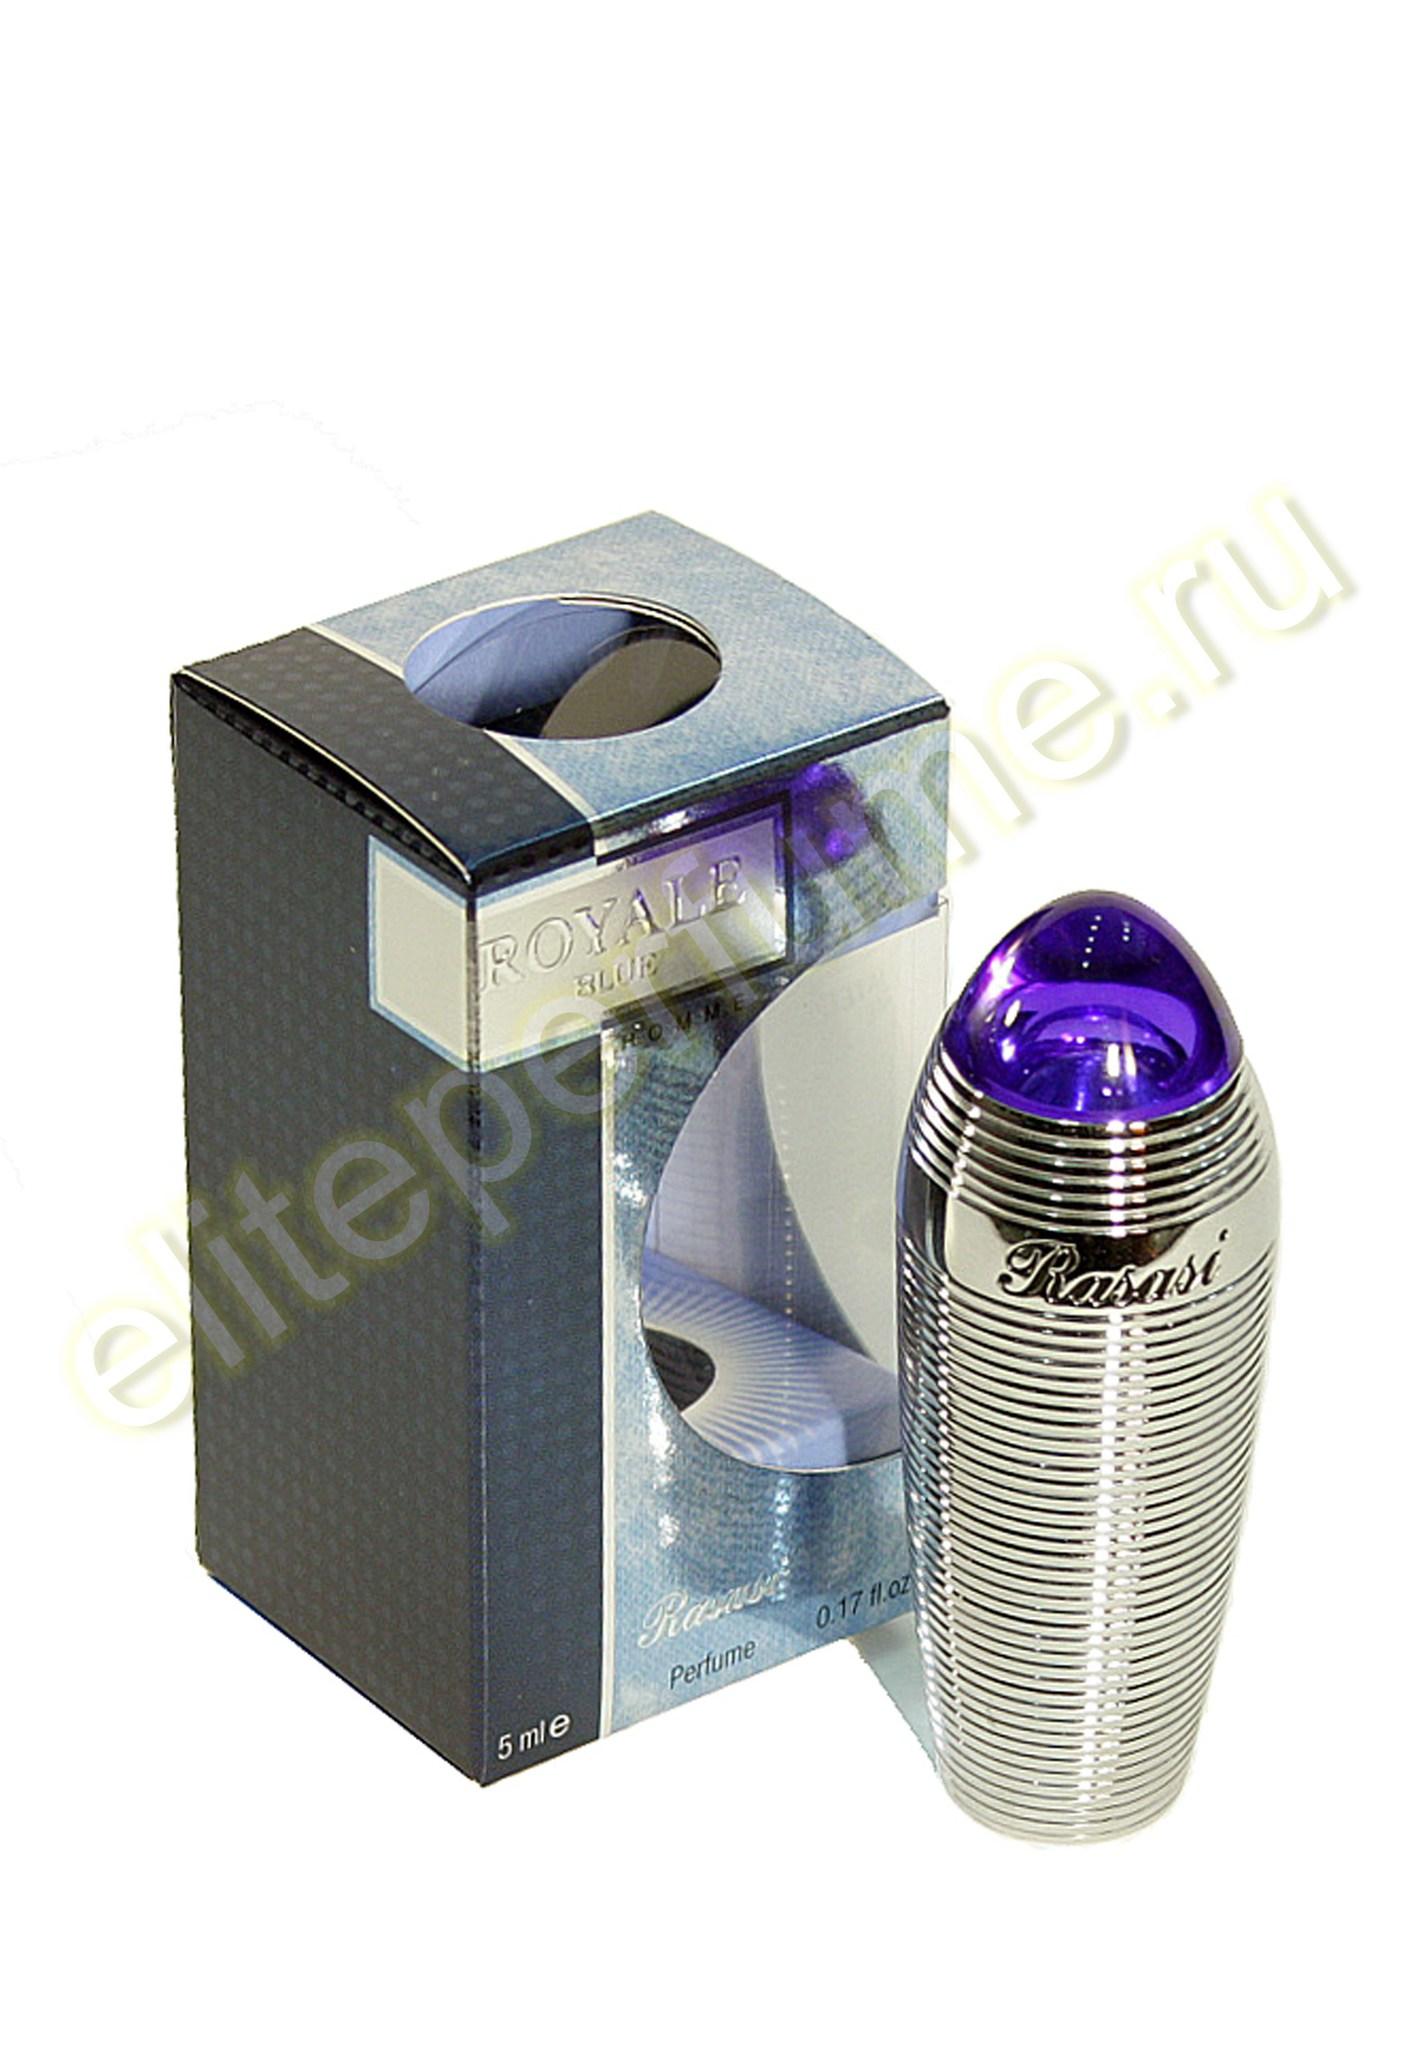 Пробники для духов Королевский Синий мужские Royal Blue homme 1 мл арабские масляные духи от Расаси Rasasi Perfumes